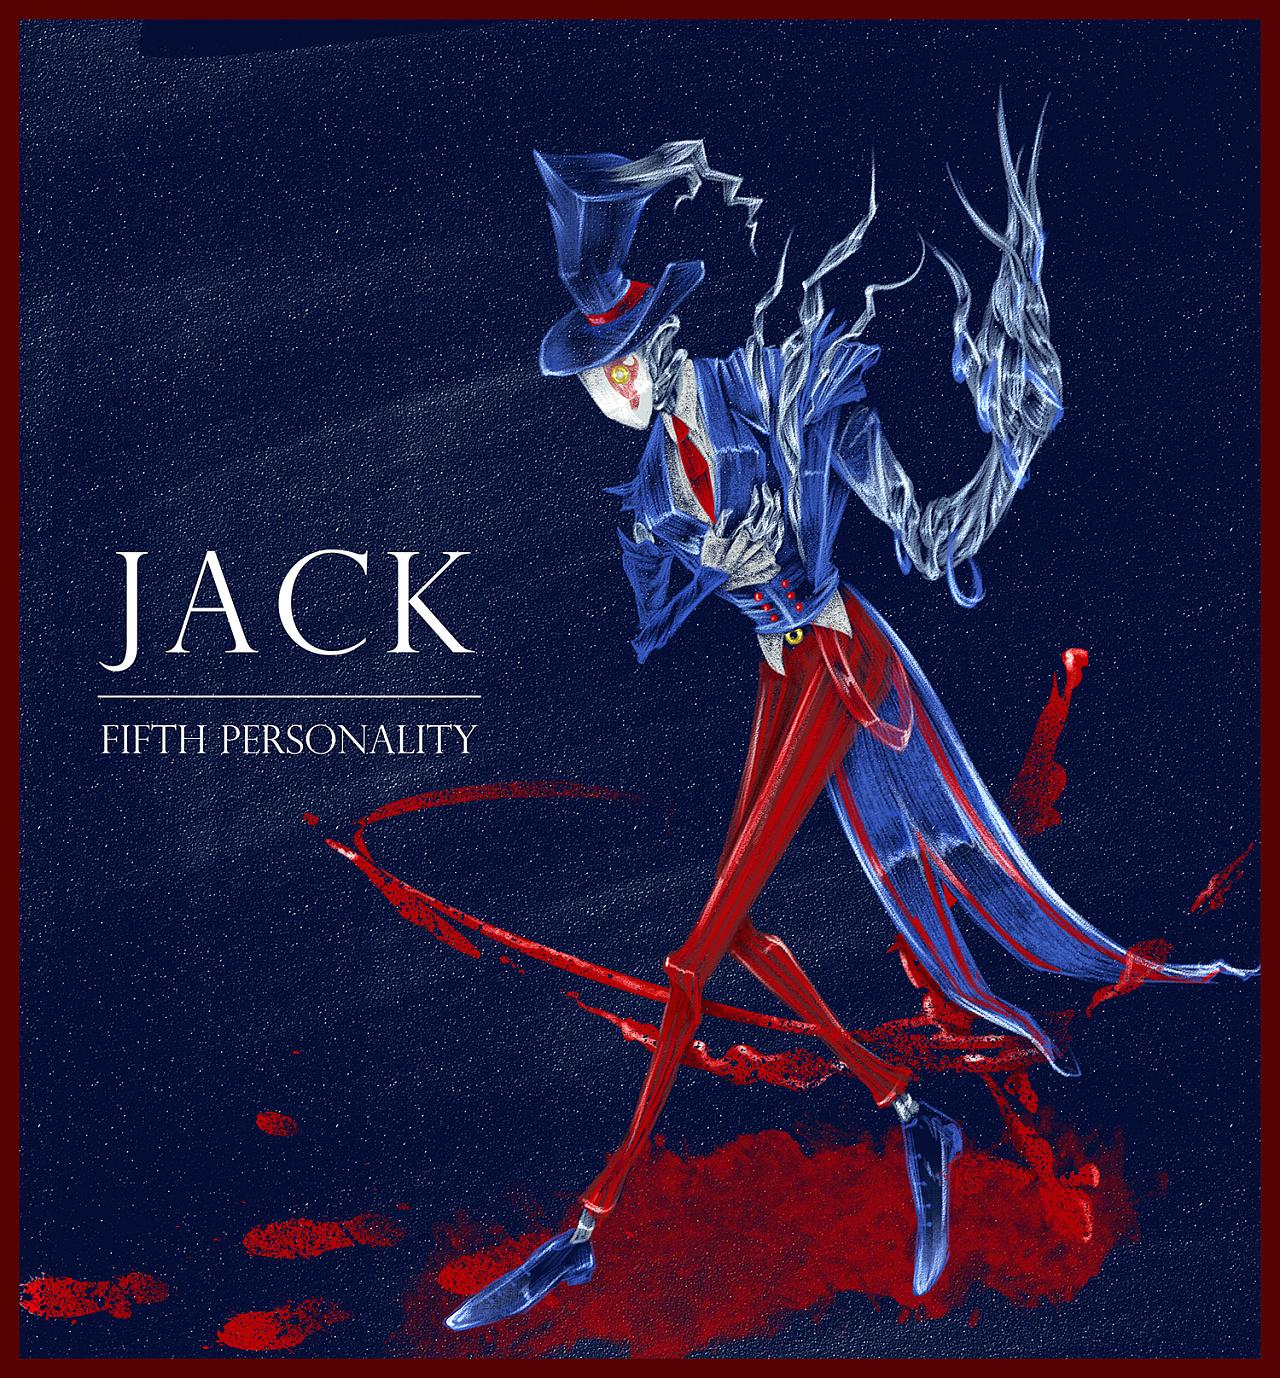 第五人格 — 杰克